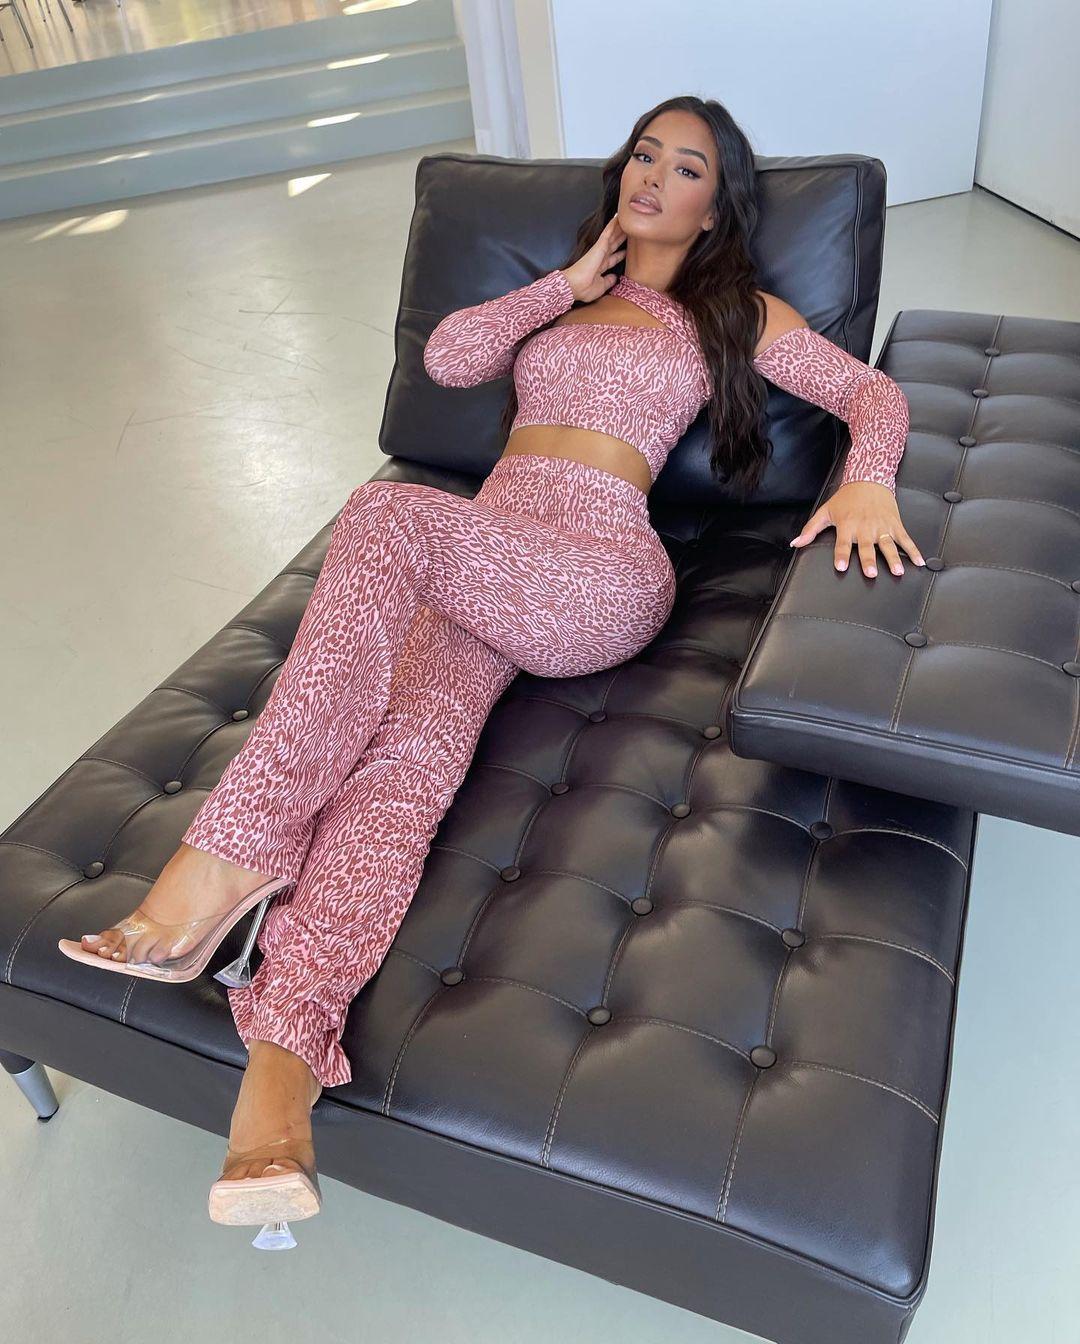 Sabrina-Khouiel-Wallpapers-Insta-Fit-Bio-3